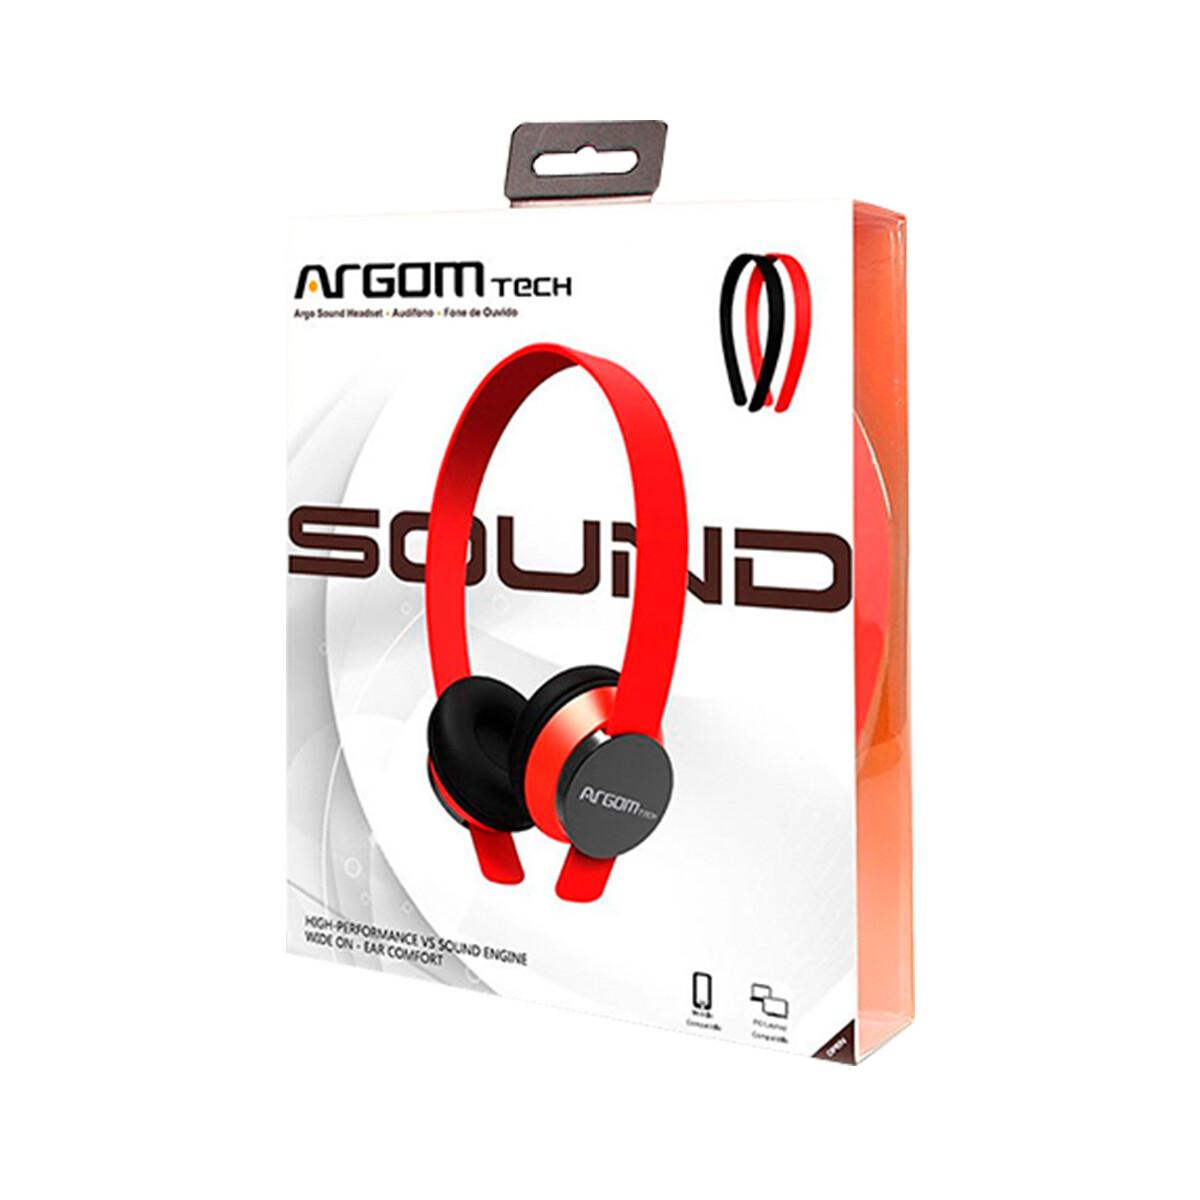 Audifonos ARGOM Audifono Argo Sound Con 2 Diademas Con Microfono rojo